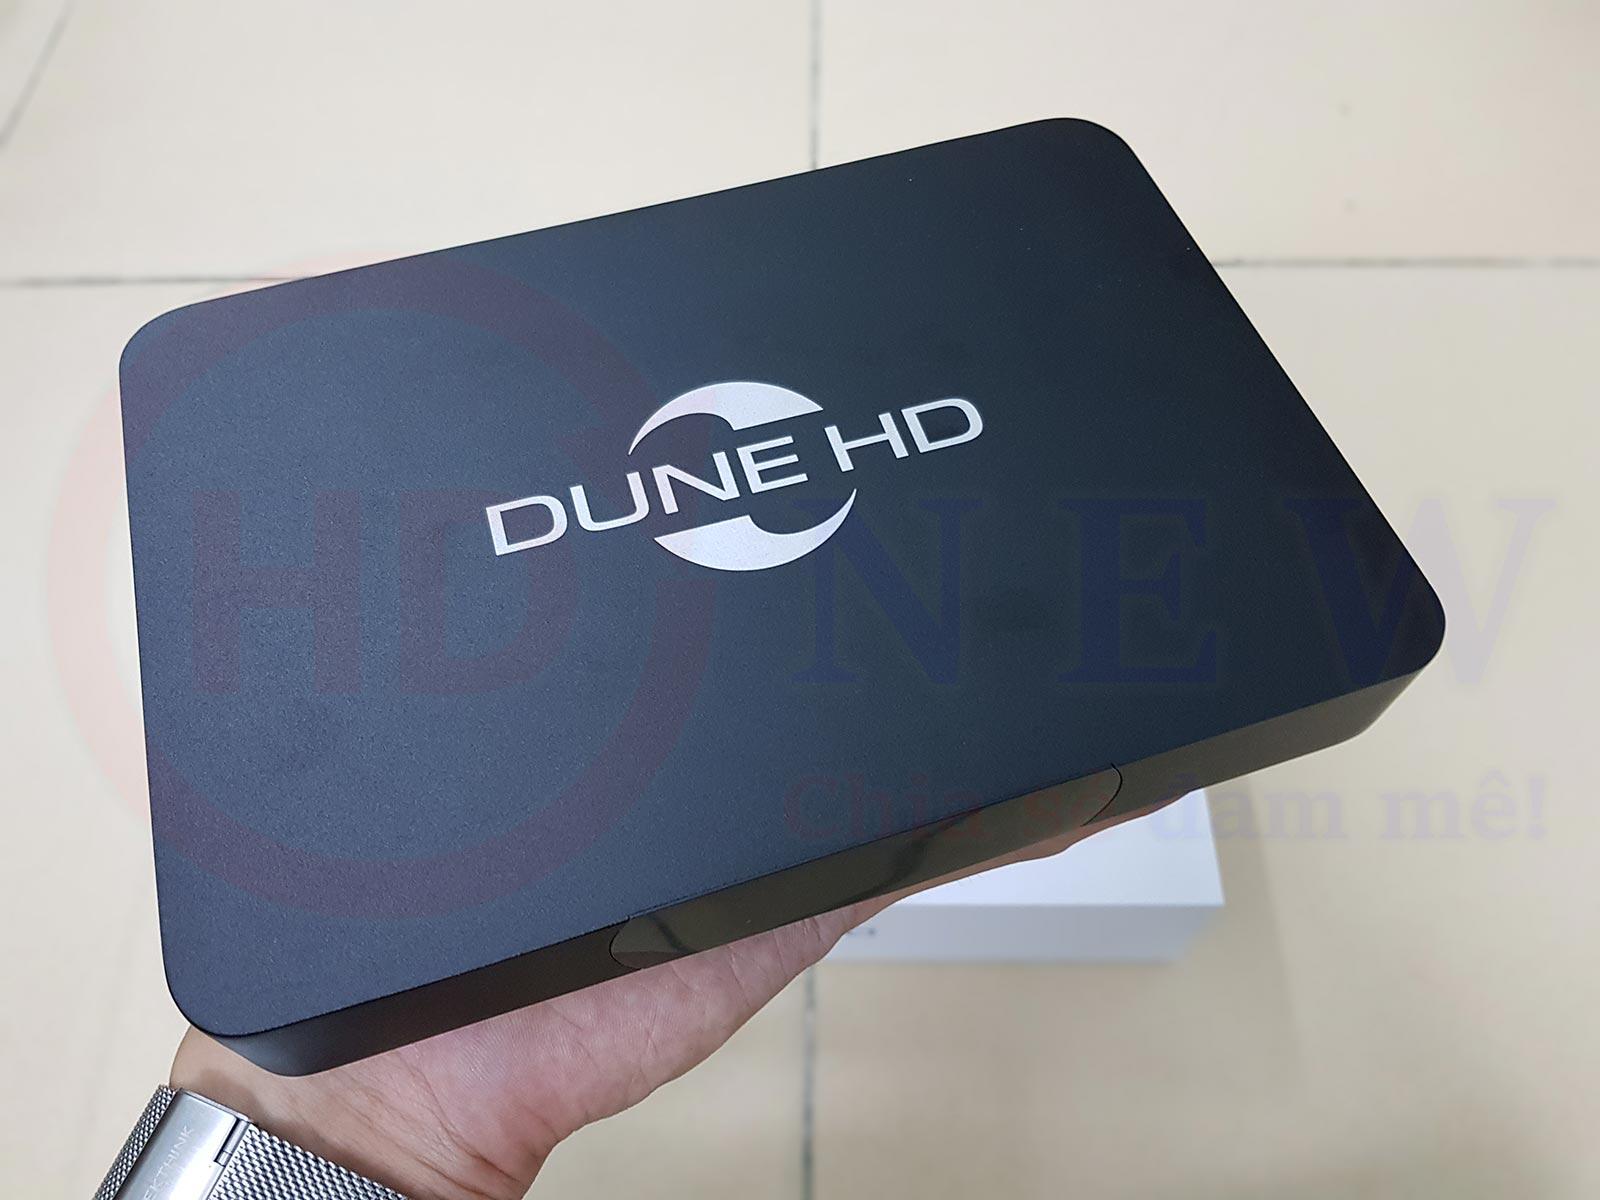 So sánh đầu phát Dune HD Pro 4K và Dune HD Duo 4K | HDnew - Chia sẻ đam mê